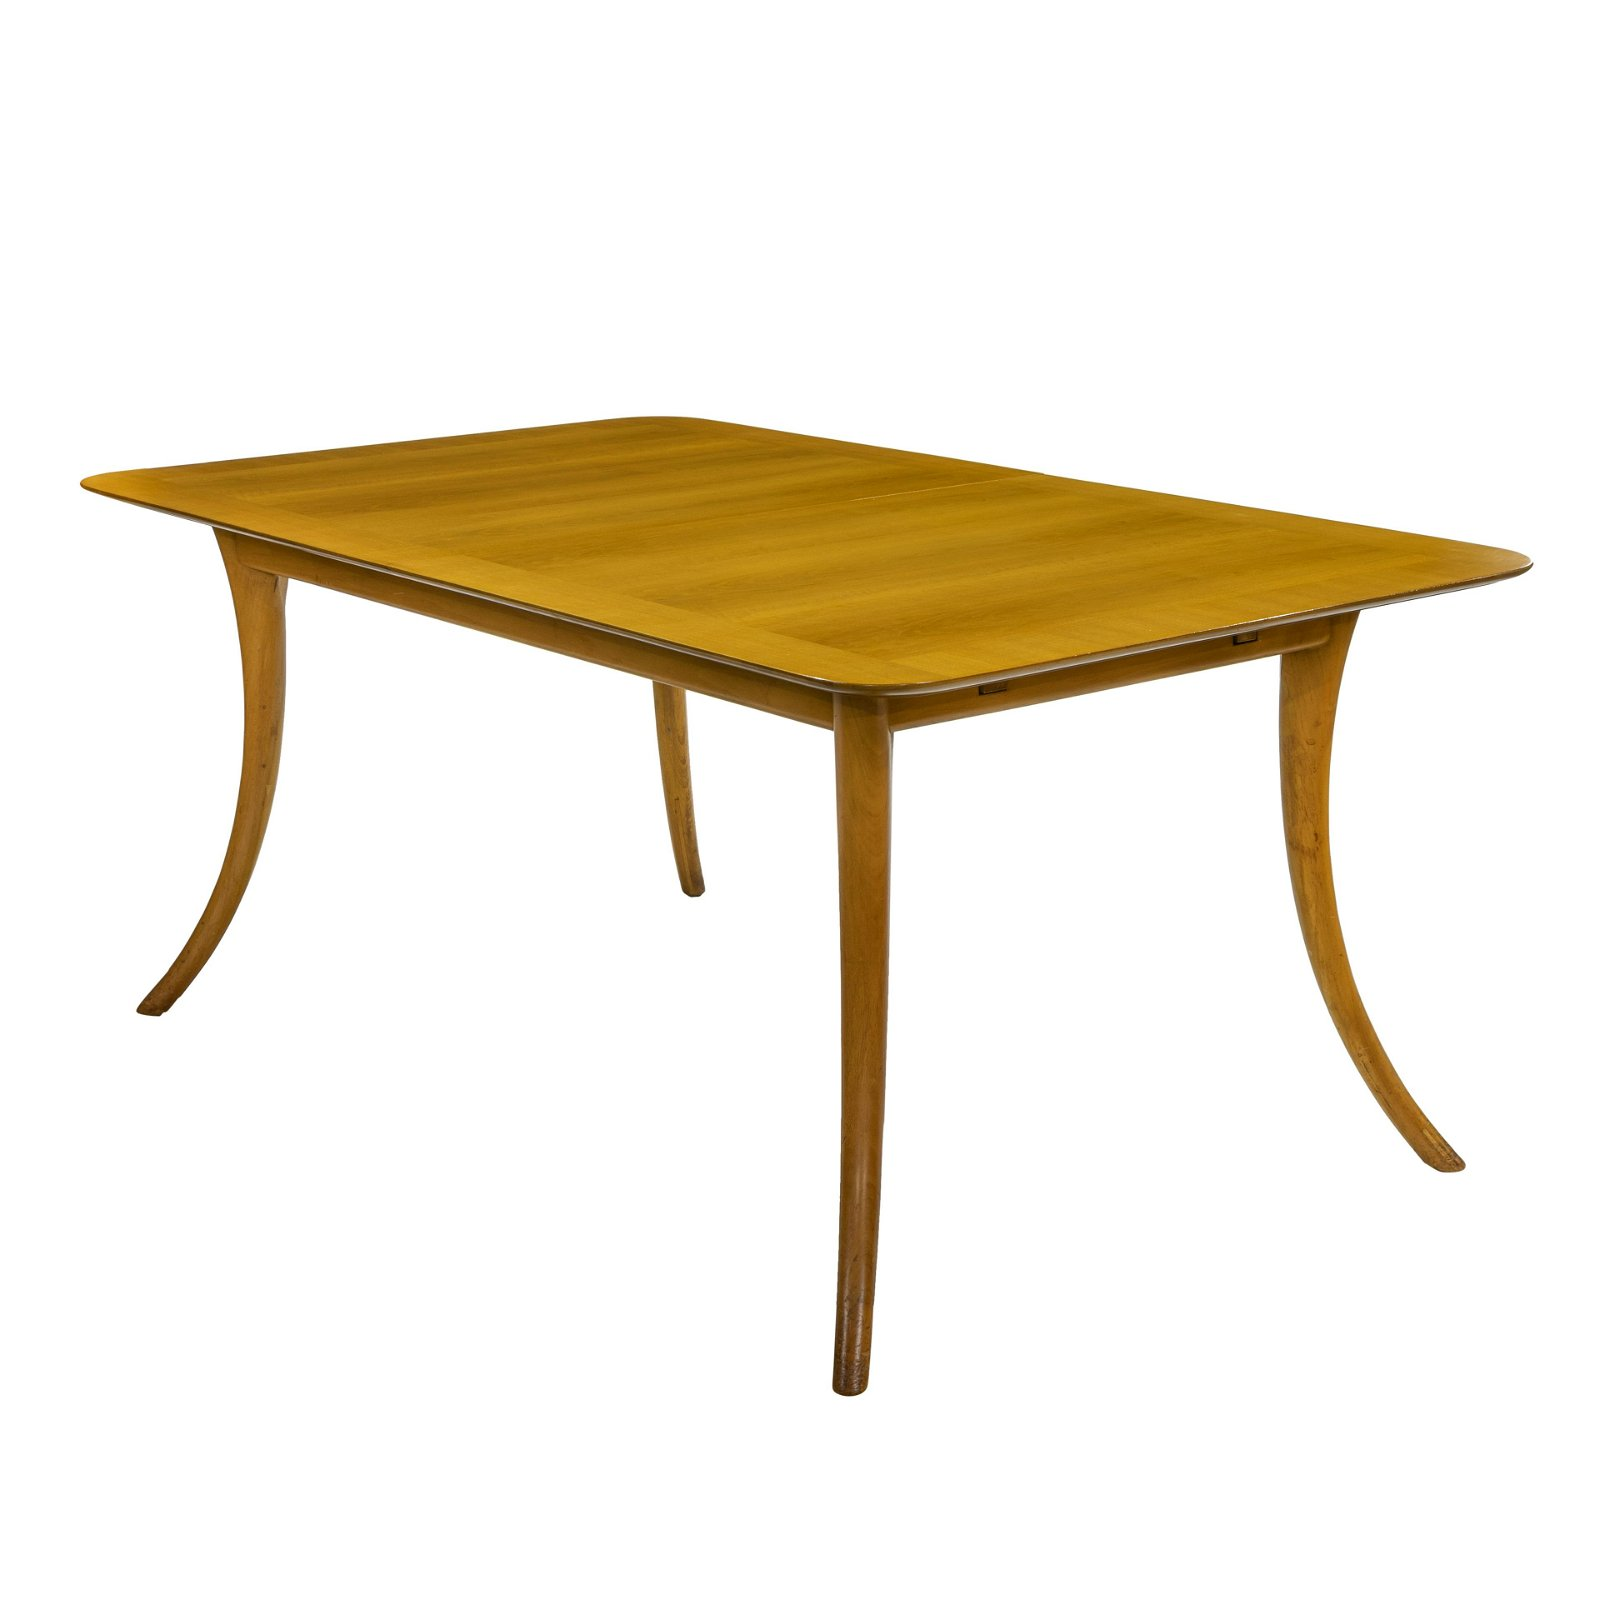 T.H. Robsjohn-Gibbings - Widdicomb Dining Table